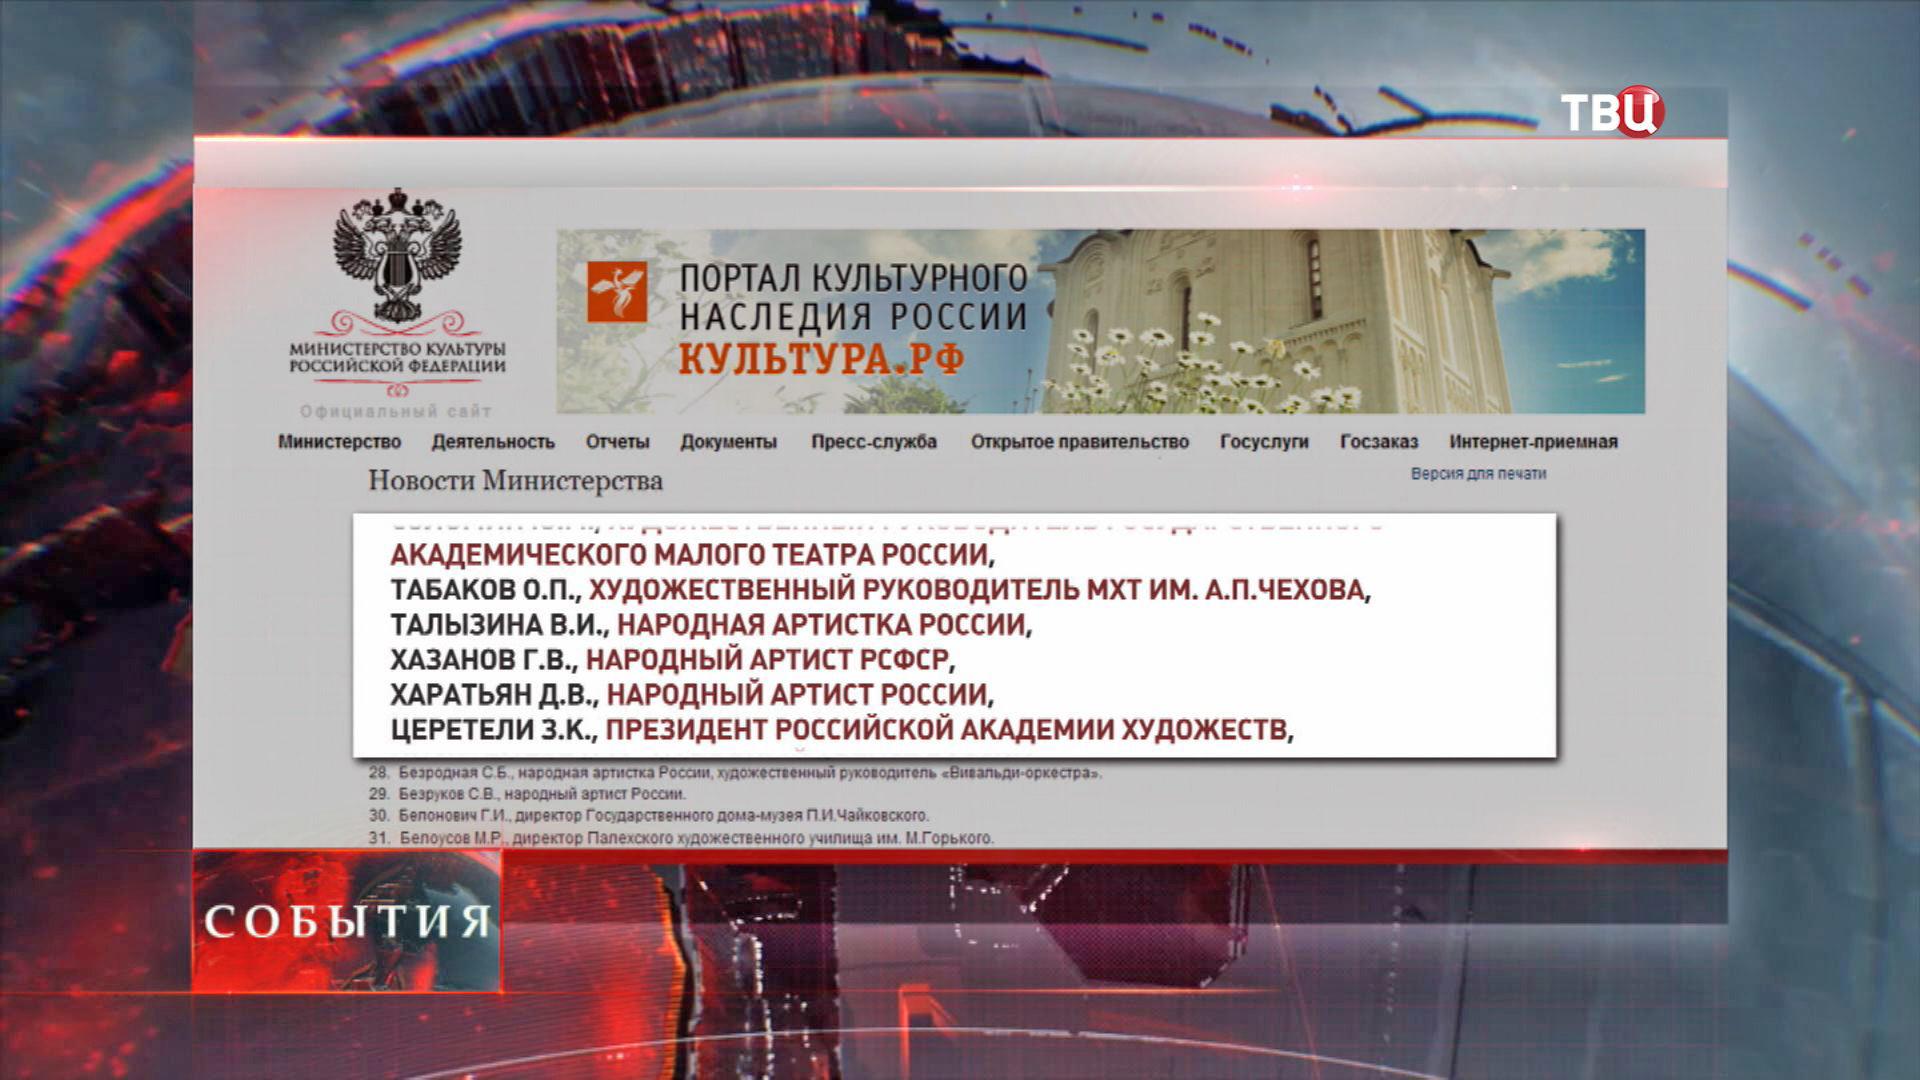 Портал культурного наследия России